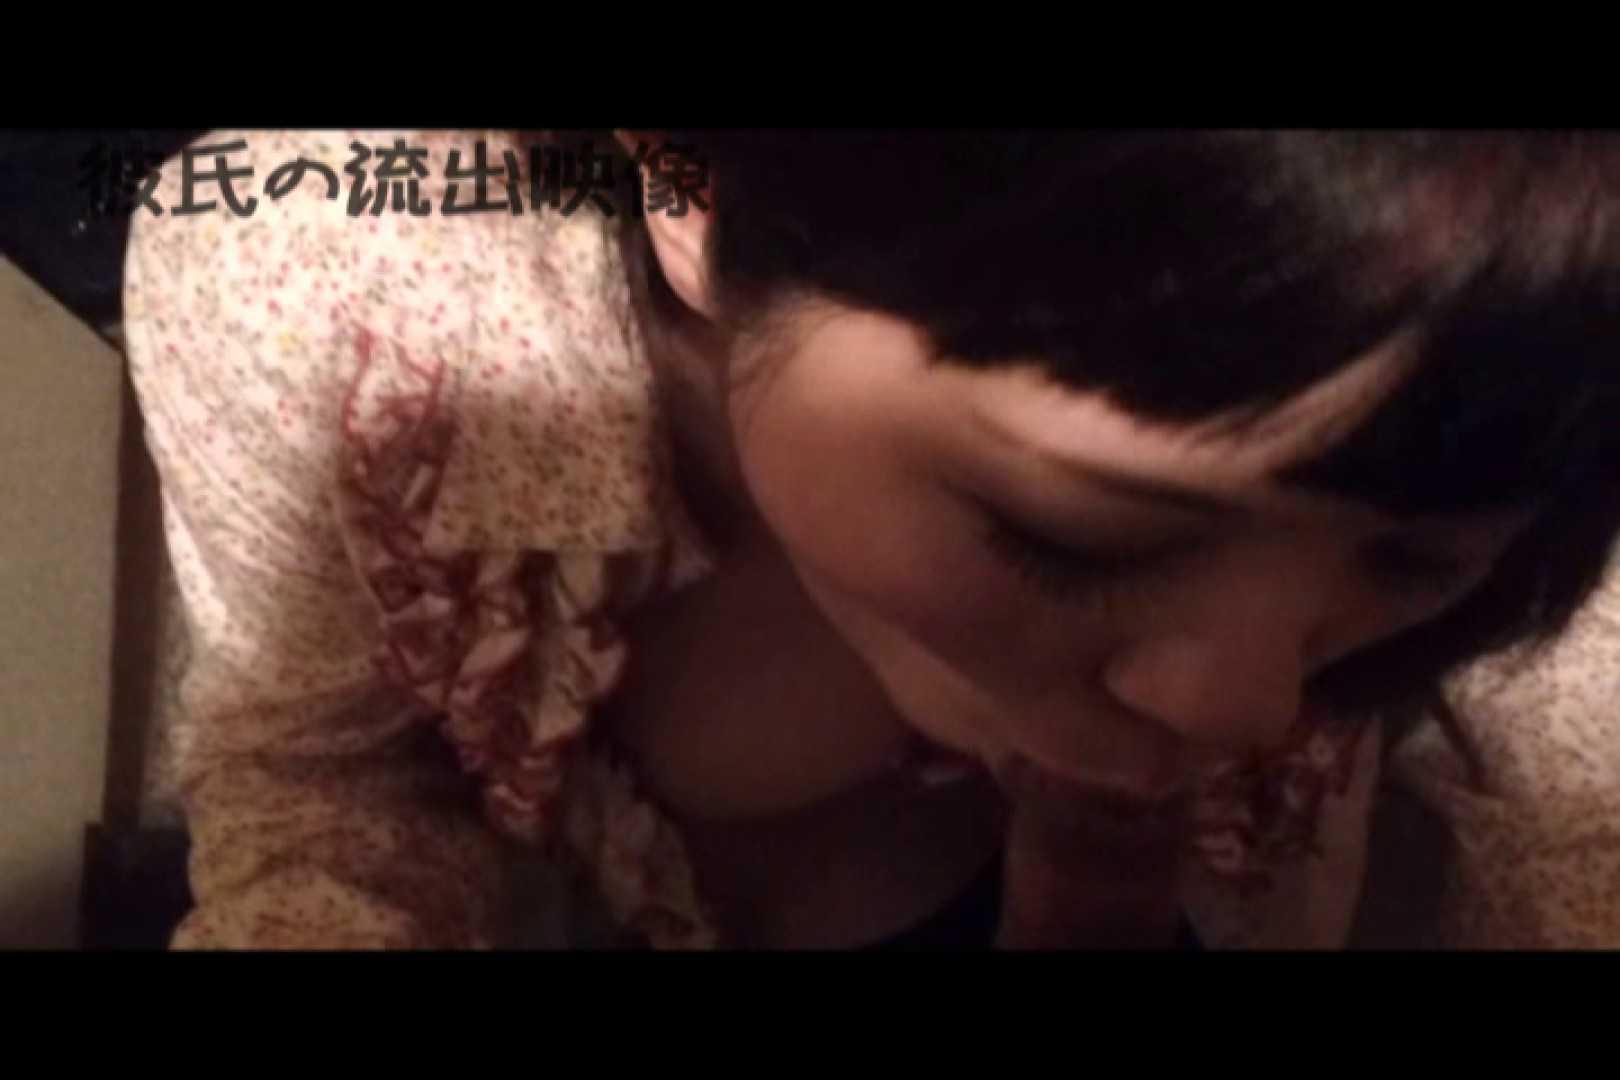 彼氏が流出 パイパン素人嬢のハメ撮り映像03 カップル | 可愛いパイパン  92pic 50